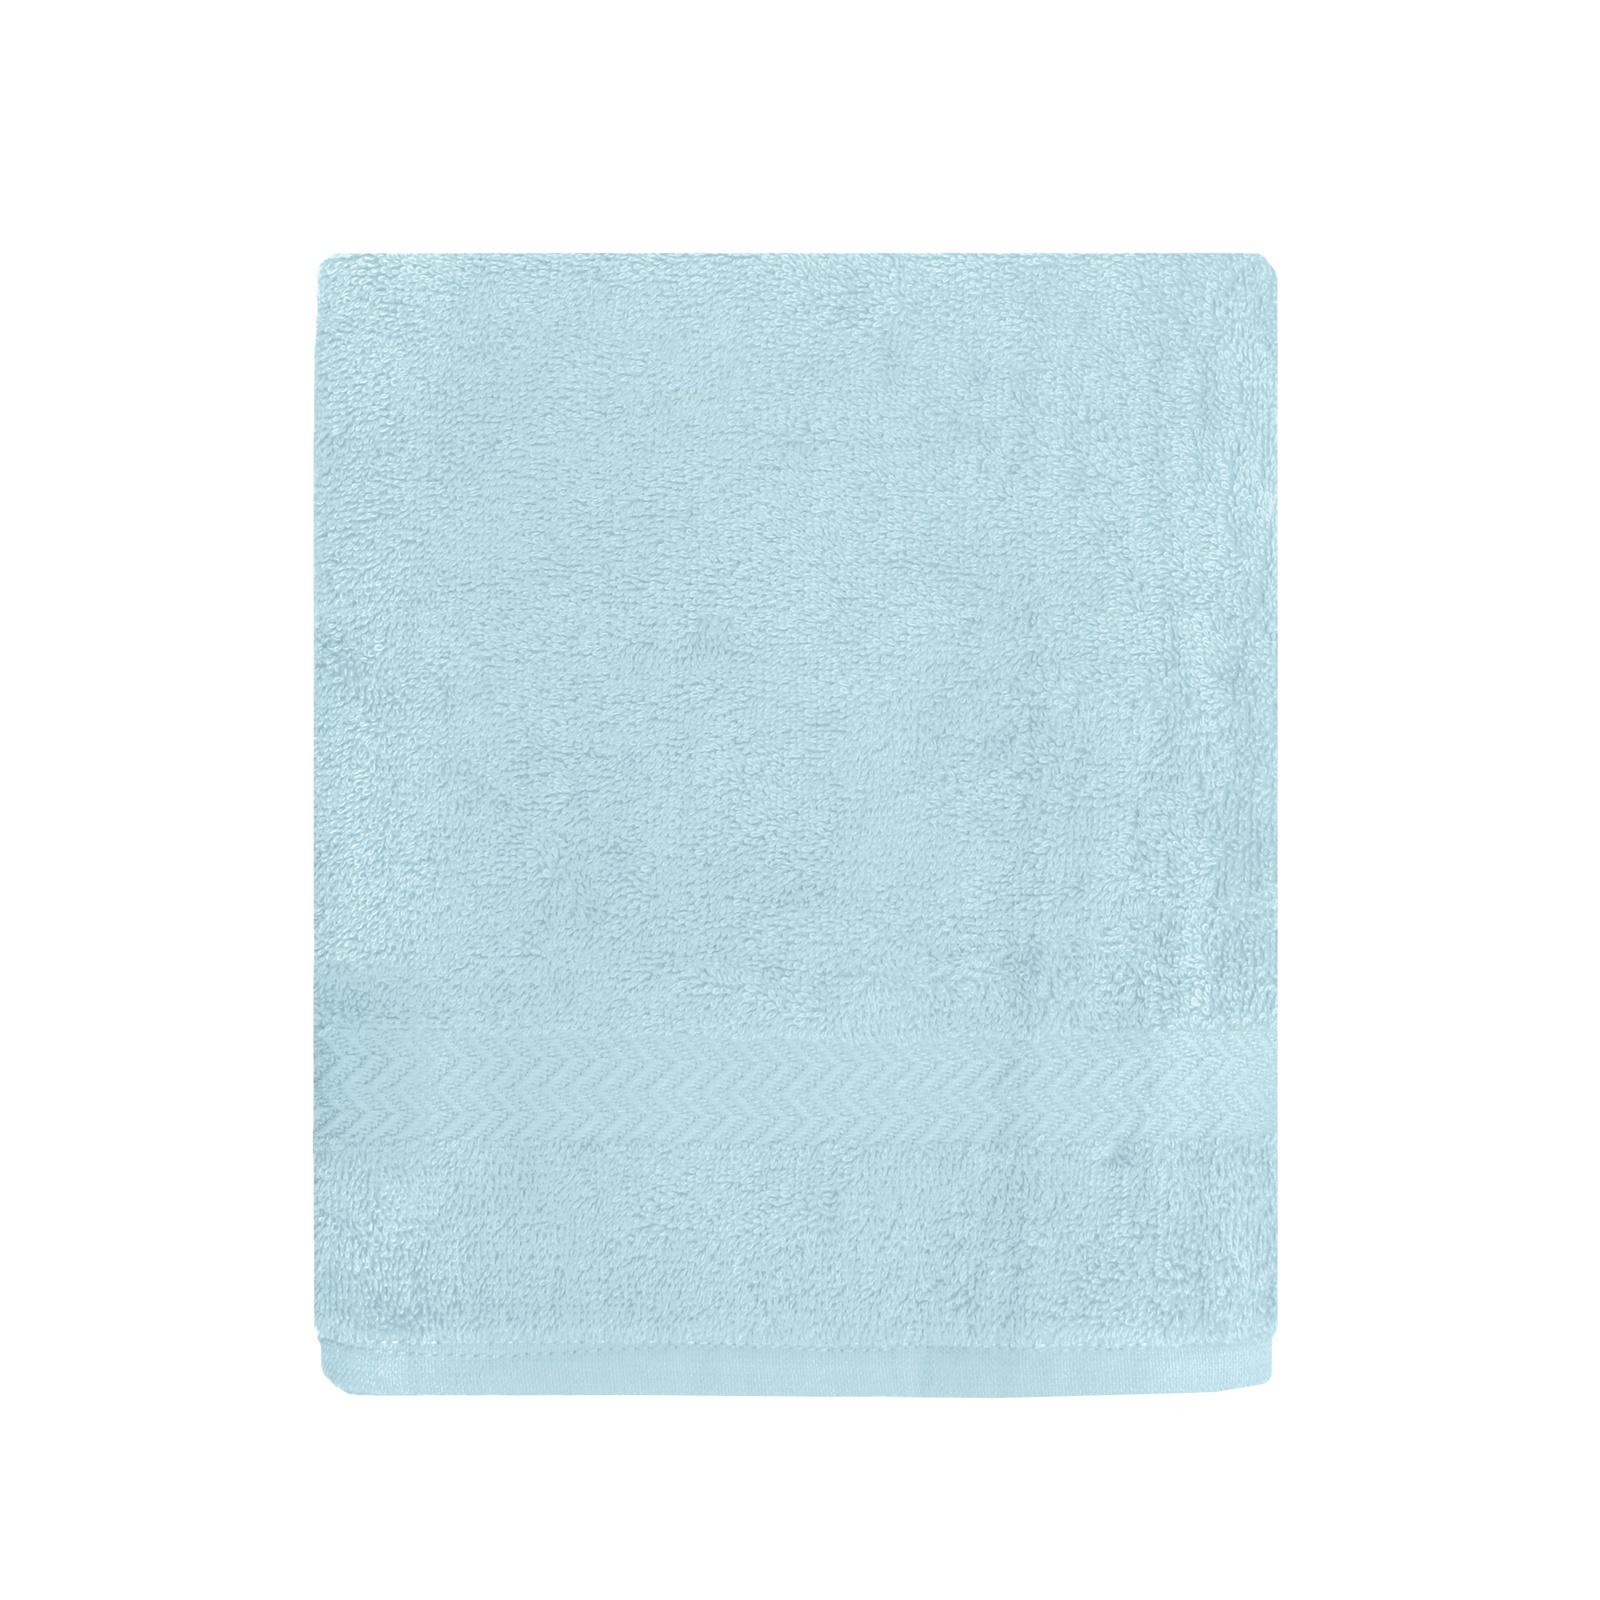 Полотенце банное Bonita Classic, 21011211897, голубой, 50 х 90 см полотенце банное fiesta arabesca 50 90 см